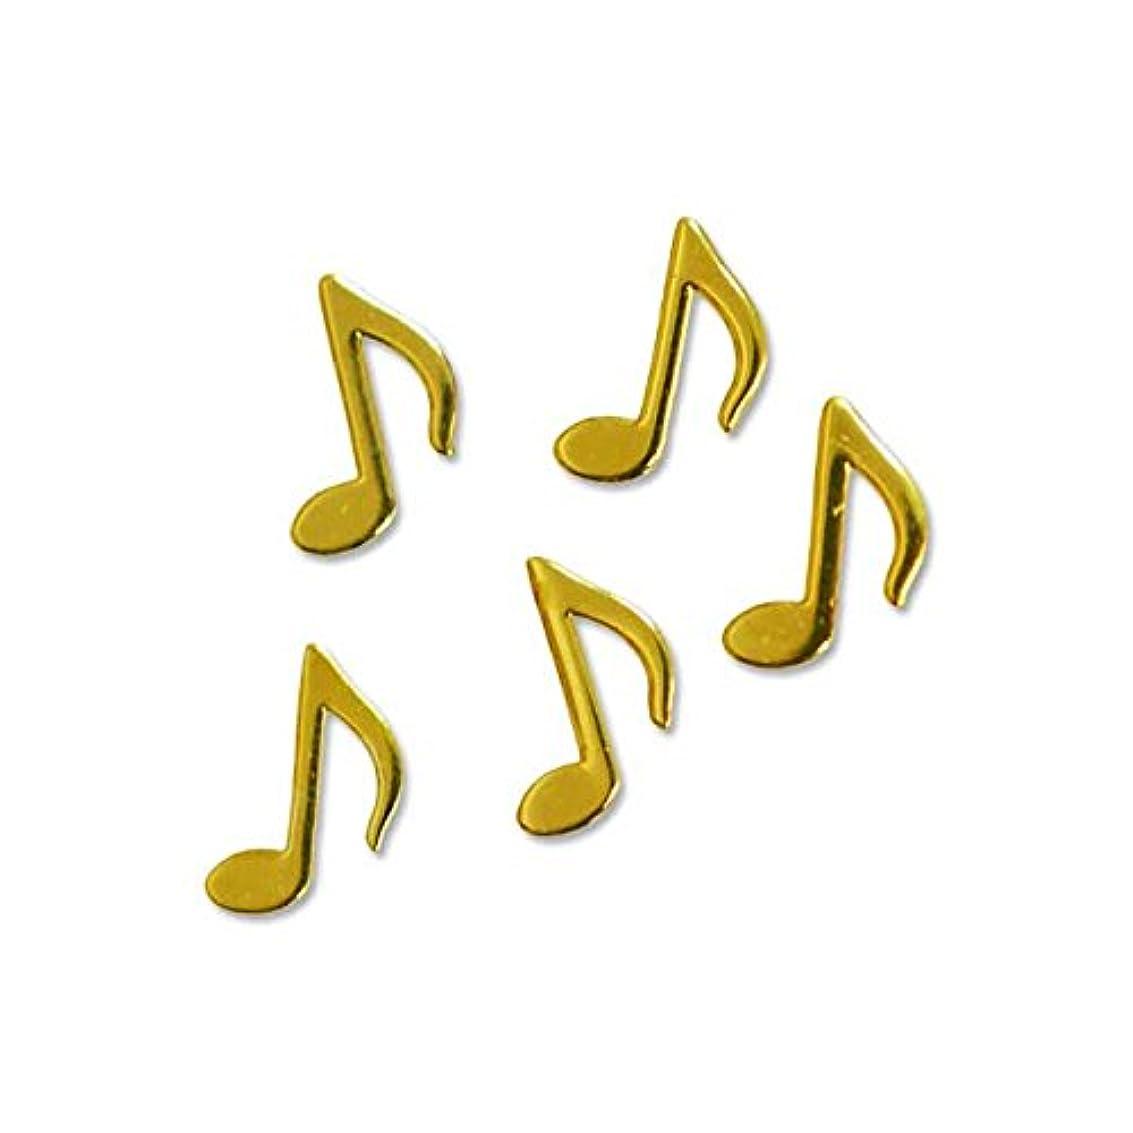 状況ファントム活性化する薄型メタルパーツ10025ミュージック 音符 おたまじゃくし4mm×5mm(ゴールド)/20p入り